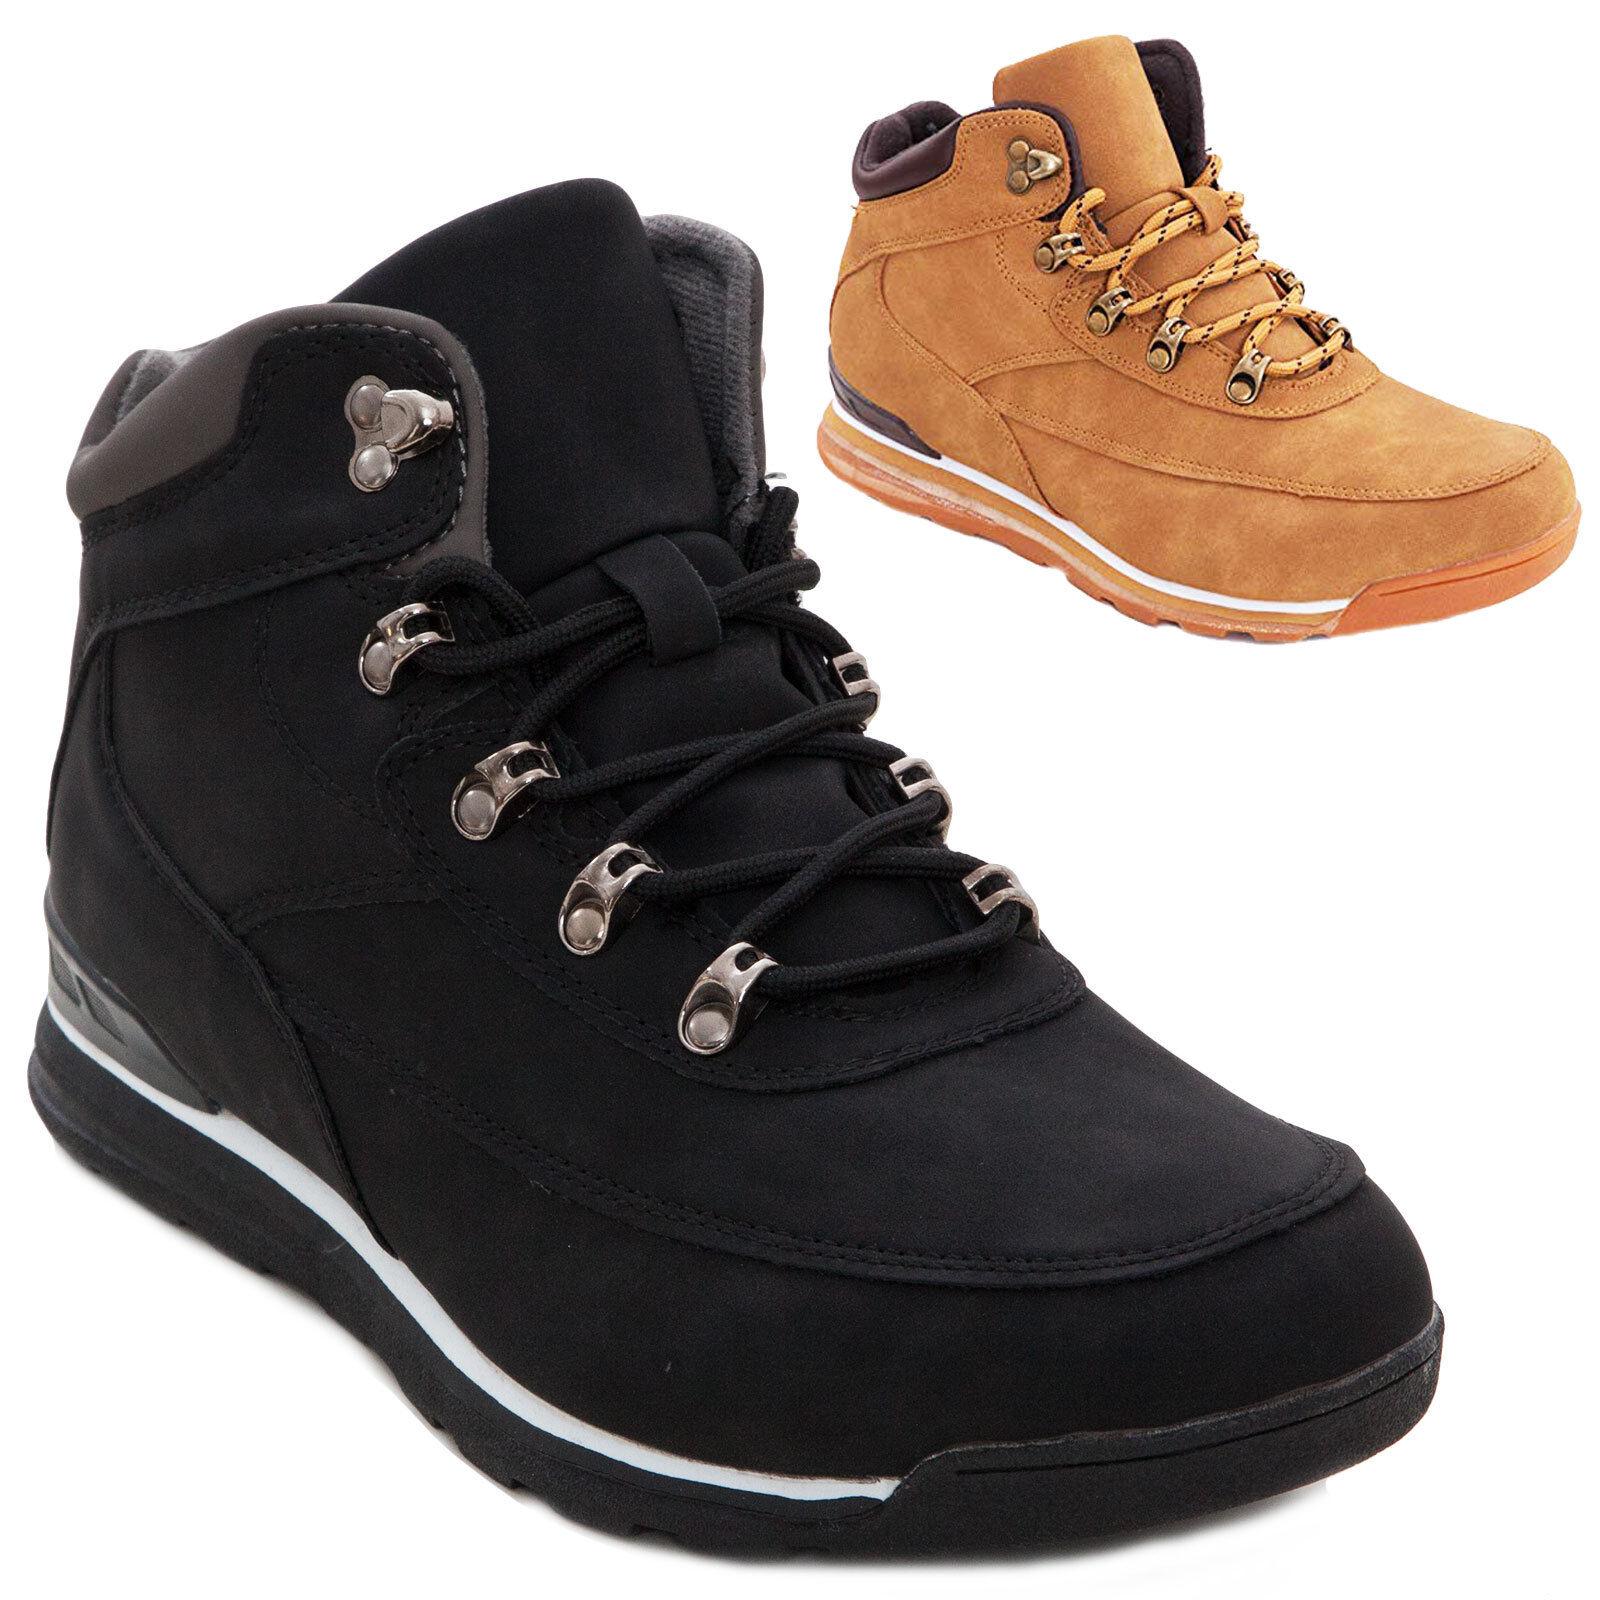 a81ab2e117103 Zapatos de hombre casual zapatillas botines botas con cordones nuevo 8812